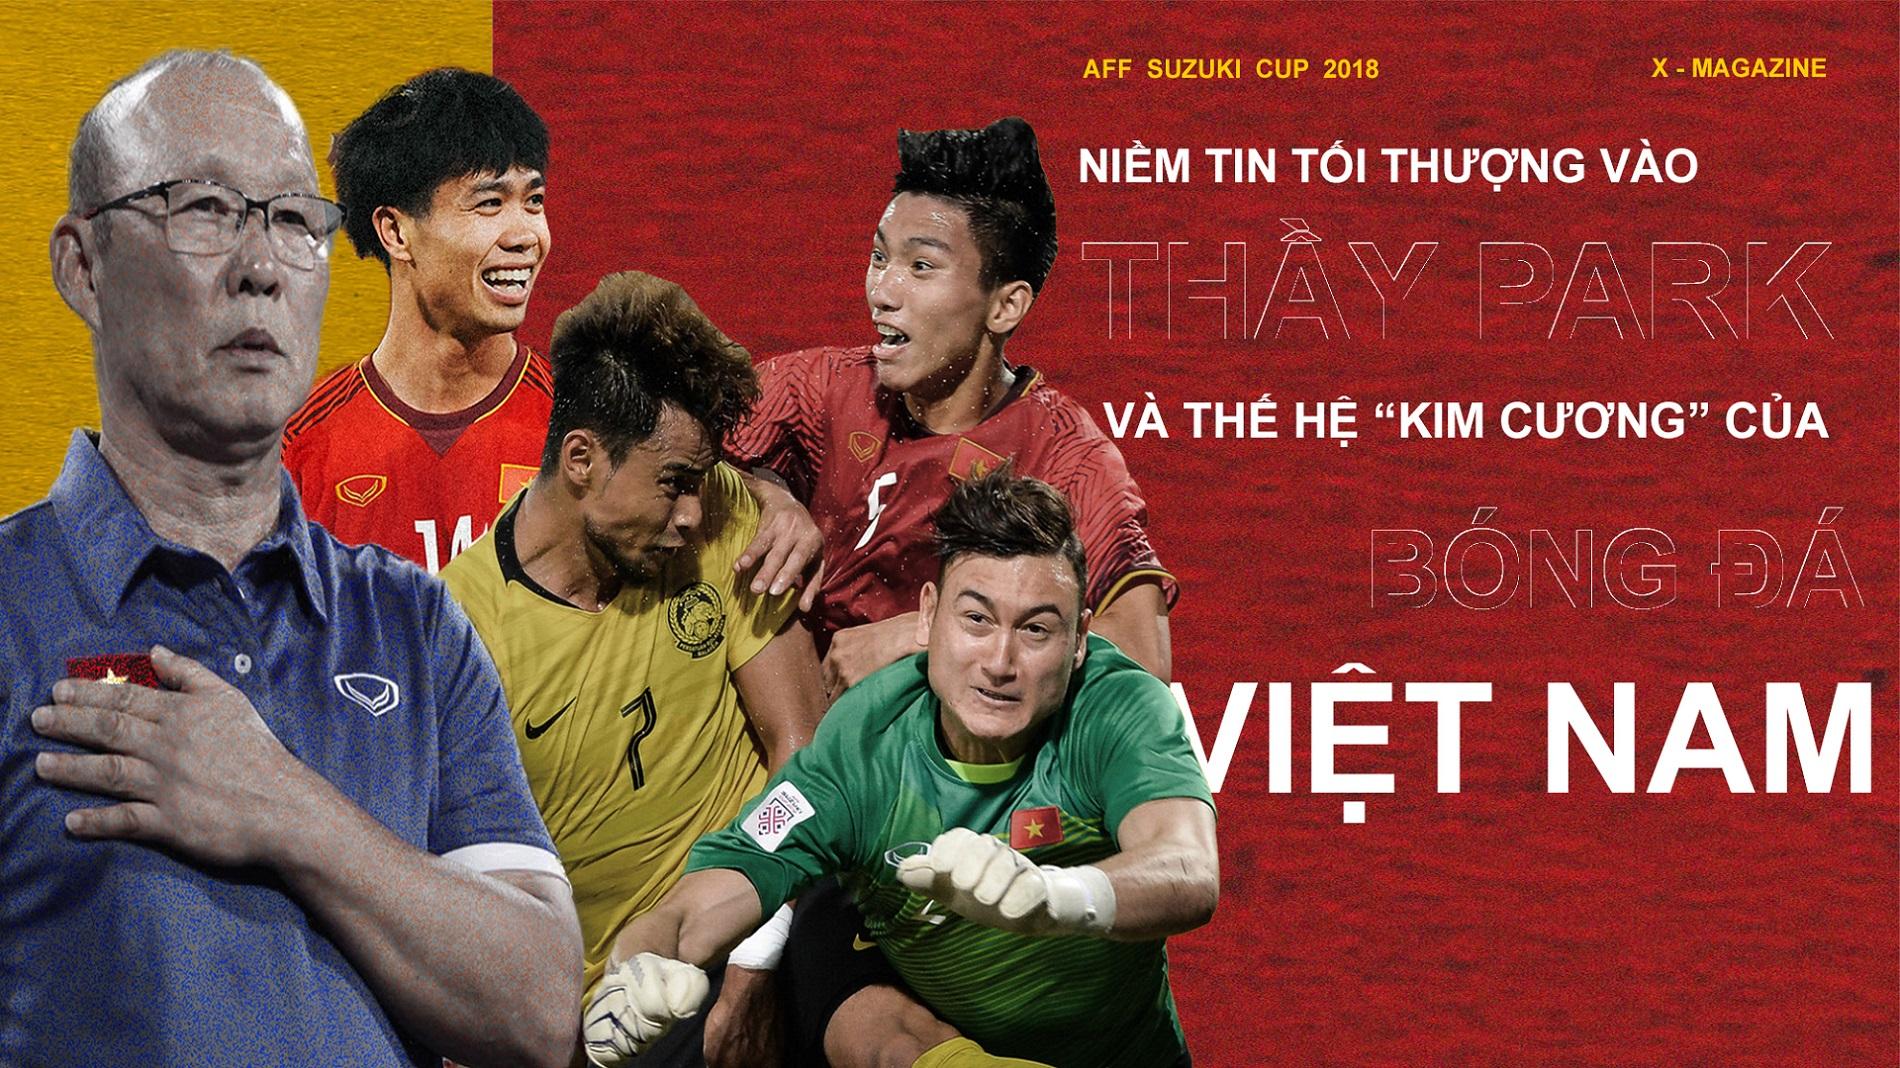 """AFF CUP 2018: Niềm tin tối thượng vào thầy Park và thế hệ """"kim cương"""" của bóng đá Việt Nam"""